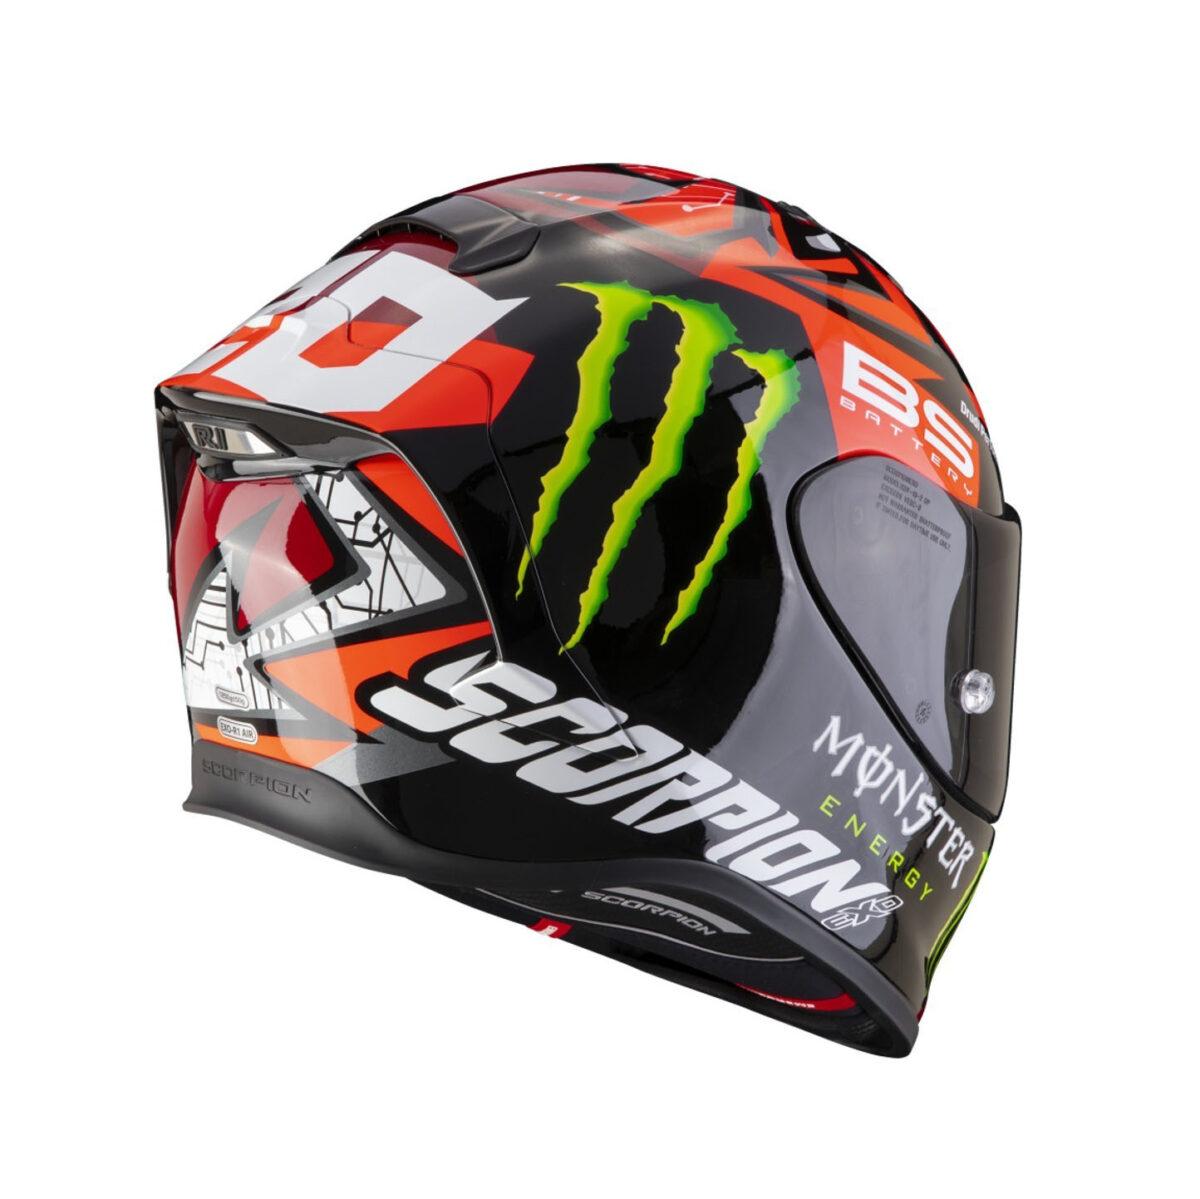 Scorpion_ EXO_R1_Air_Fabio_Monster_Replica_Helmet_right